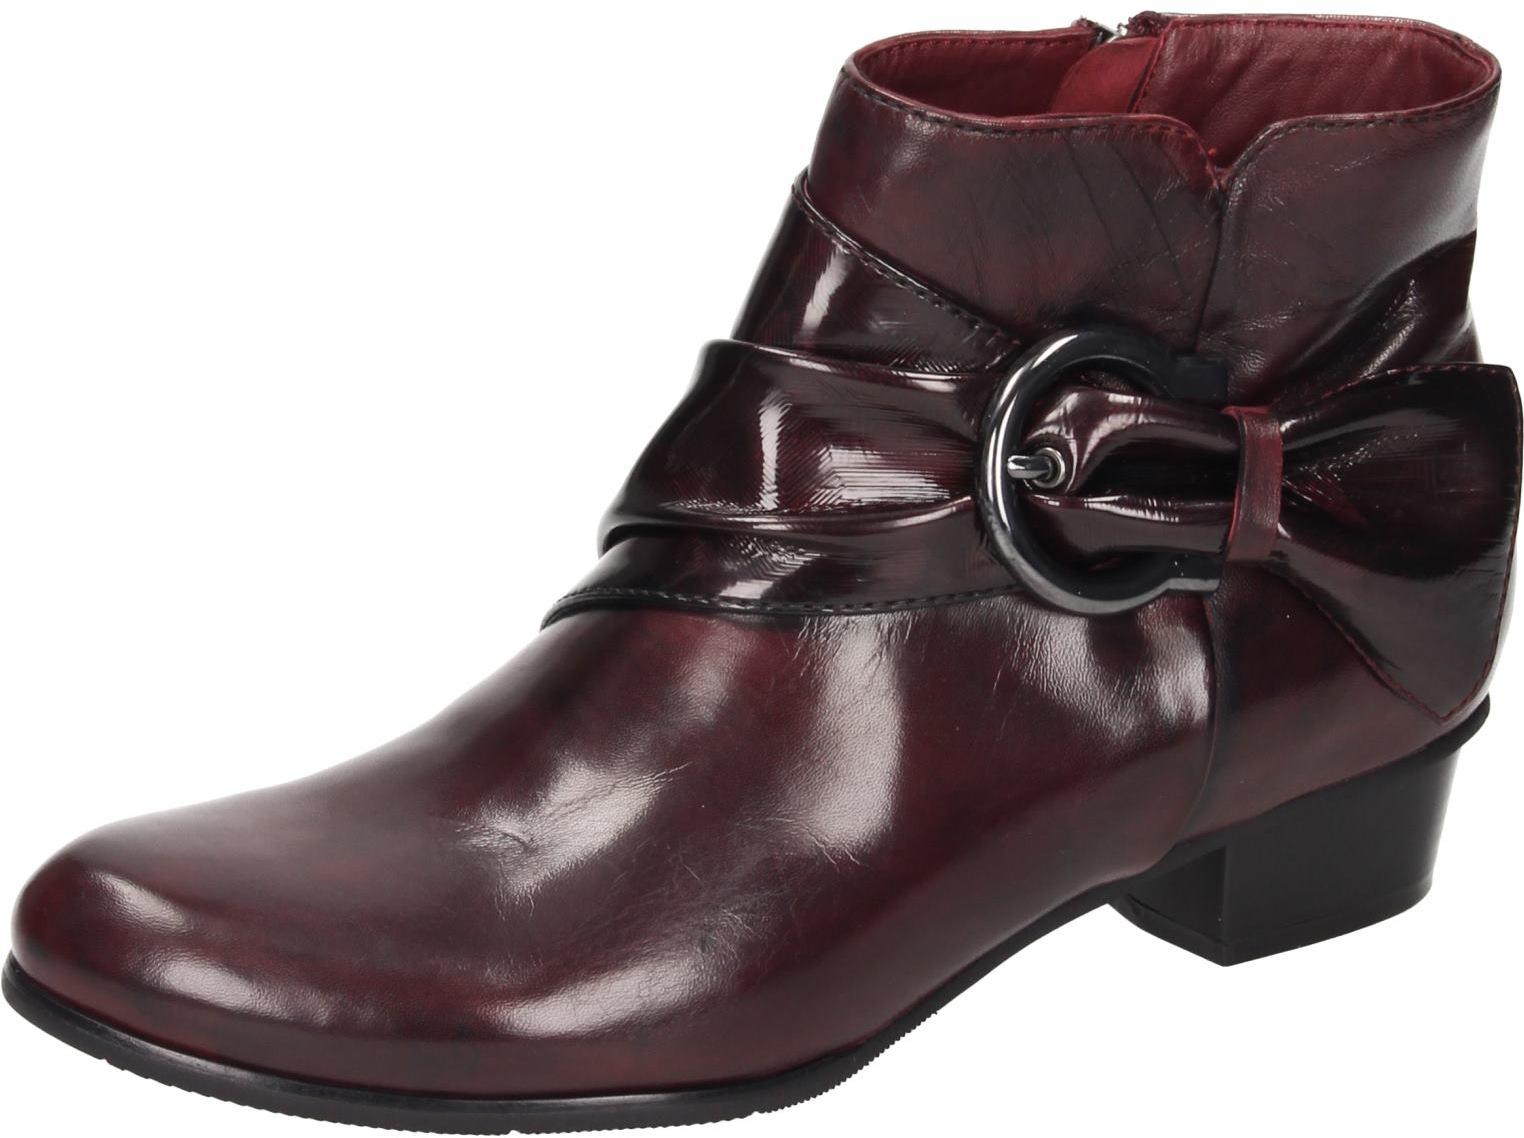 Piazza Damen Schuhe Damen Stiefelette sangria   Clearance